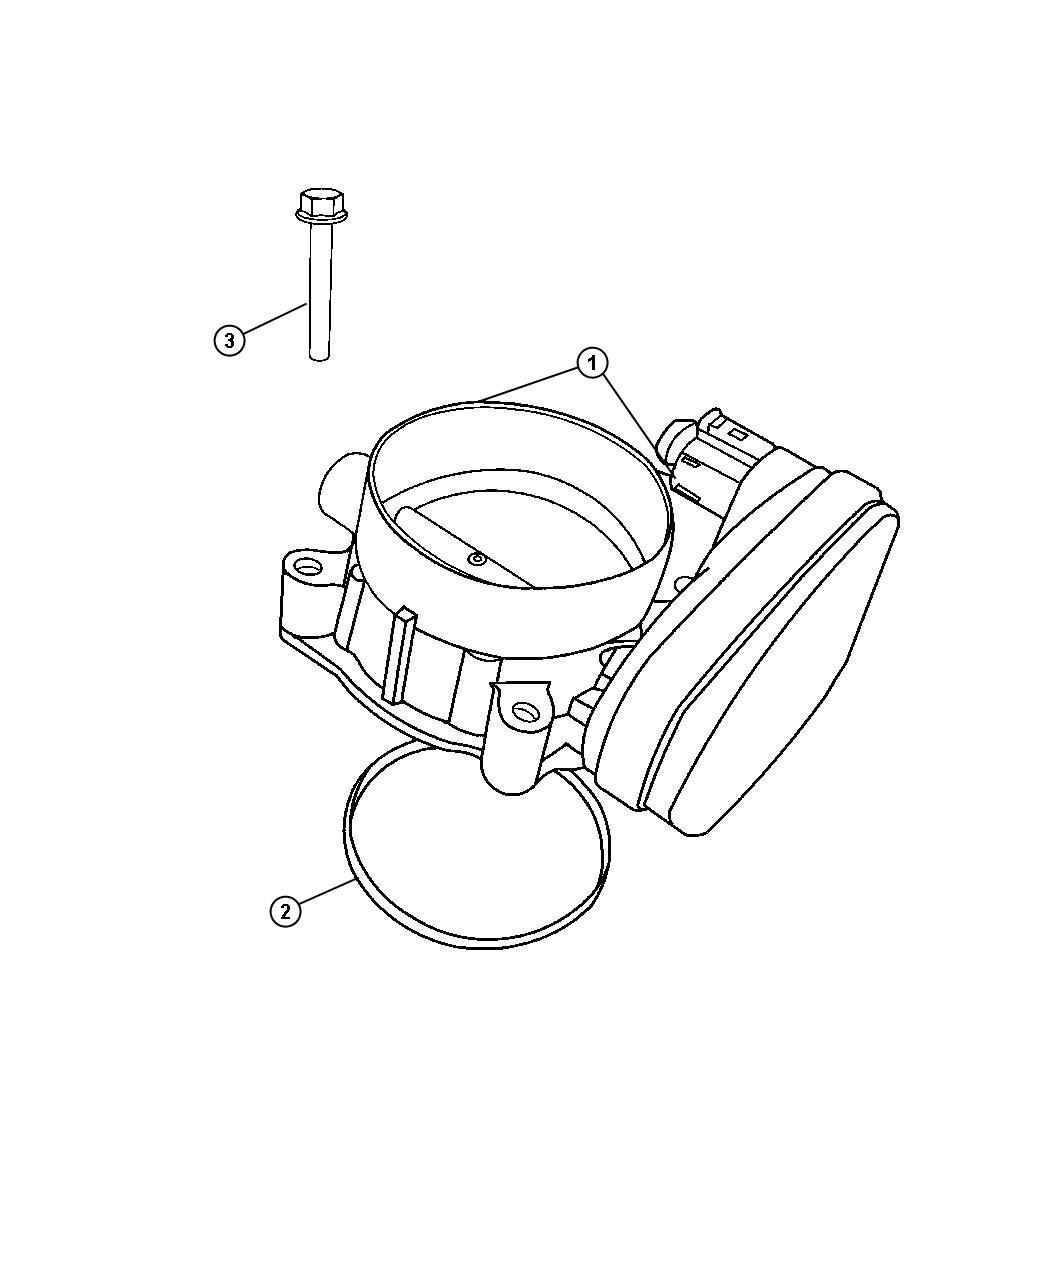 Dodge Challenger Throttle body. Intake, manifold, plenum